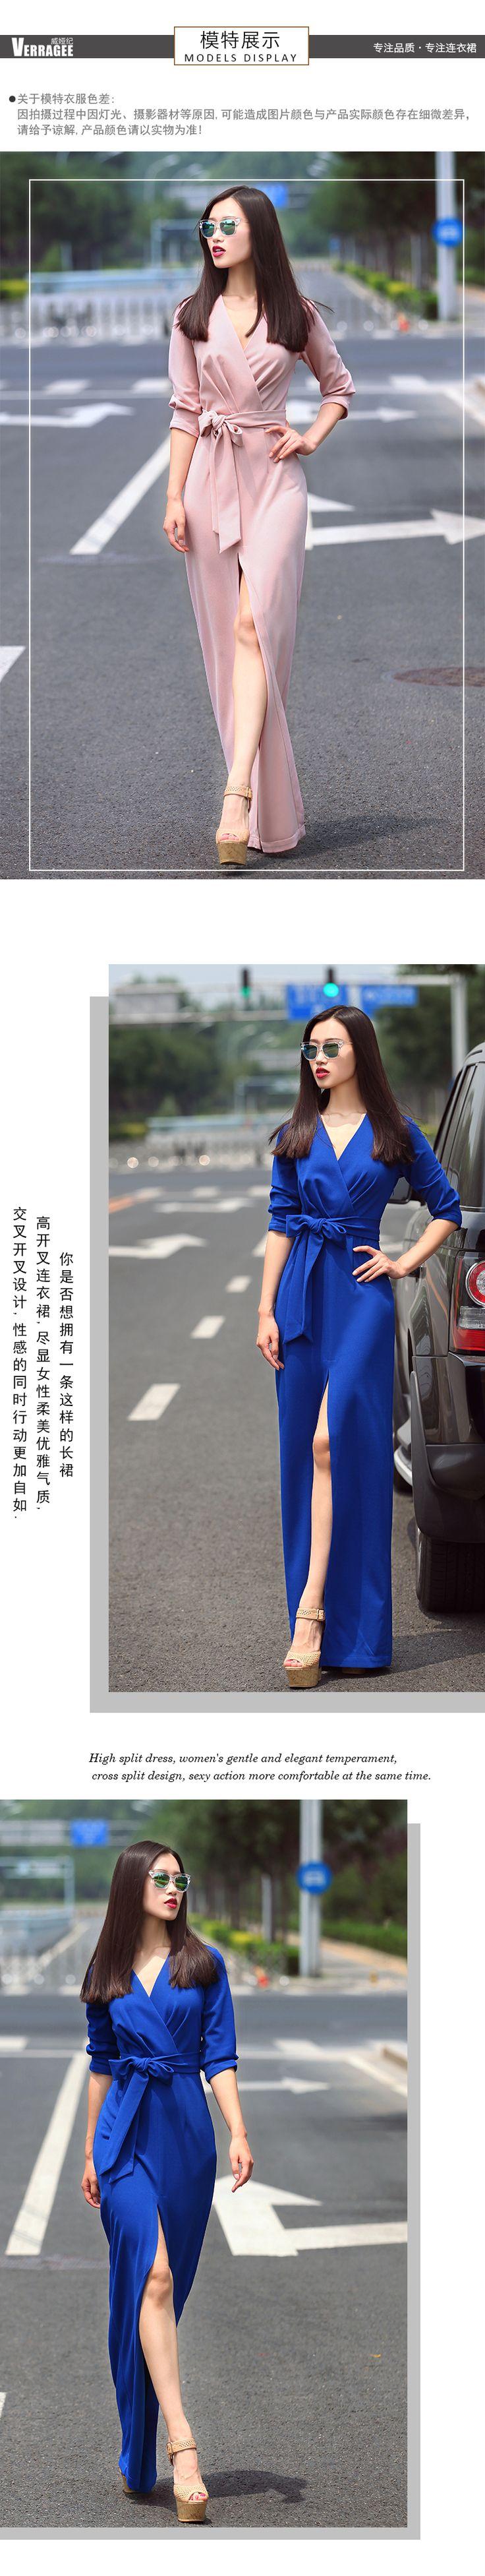 Verragee Femmes D'été Automne Longue Robe De Mode V Cou Sexy Split Bleu Mince Robe Parti Robes Longues Maxi Plus La Taille robe dans de sur AliExpress.com | Alibaba Group